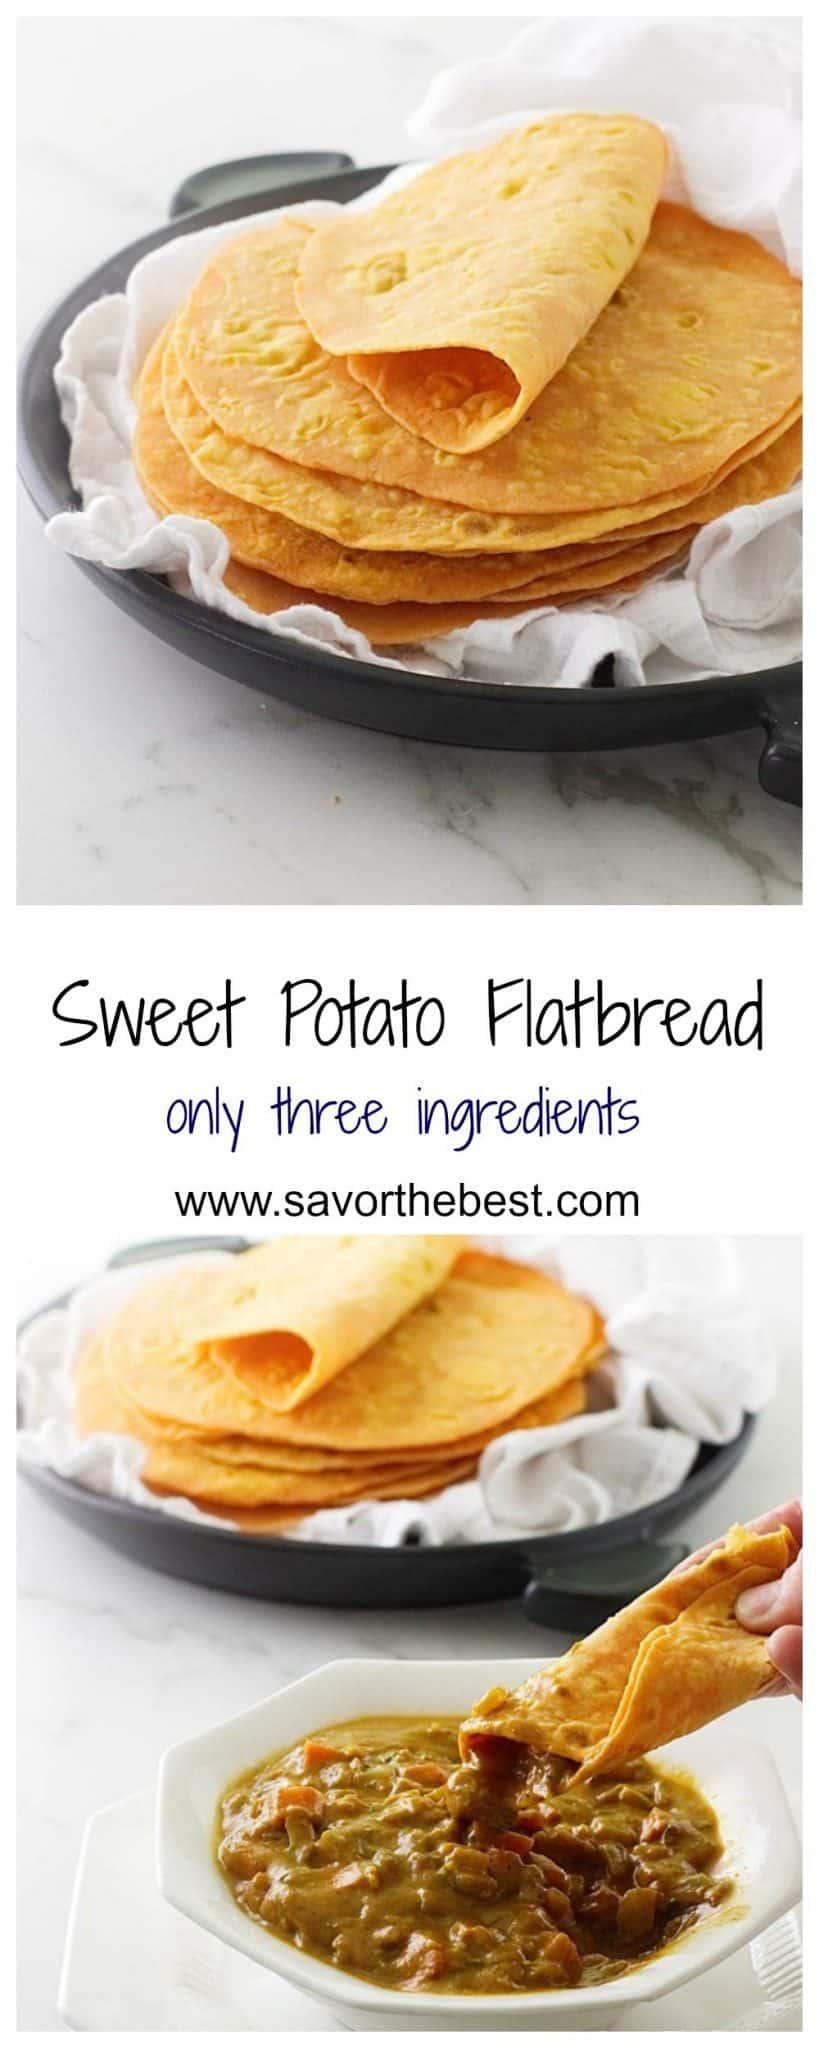 sweet potato flatbread